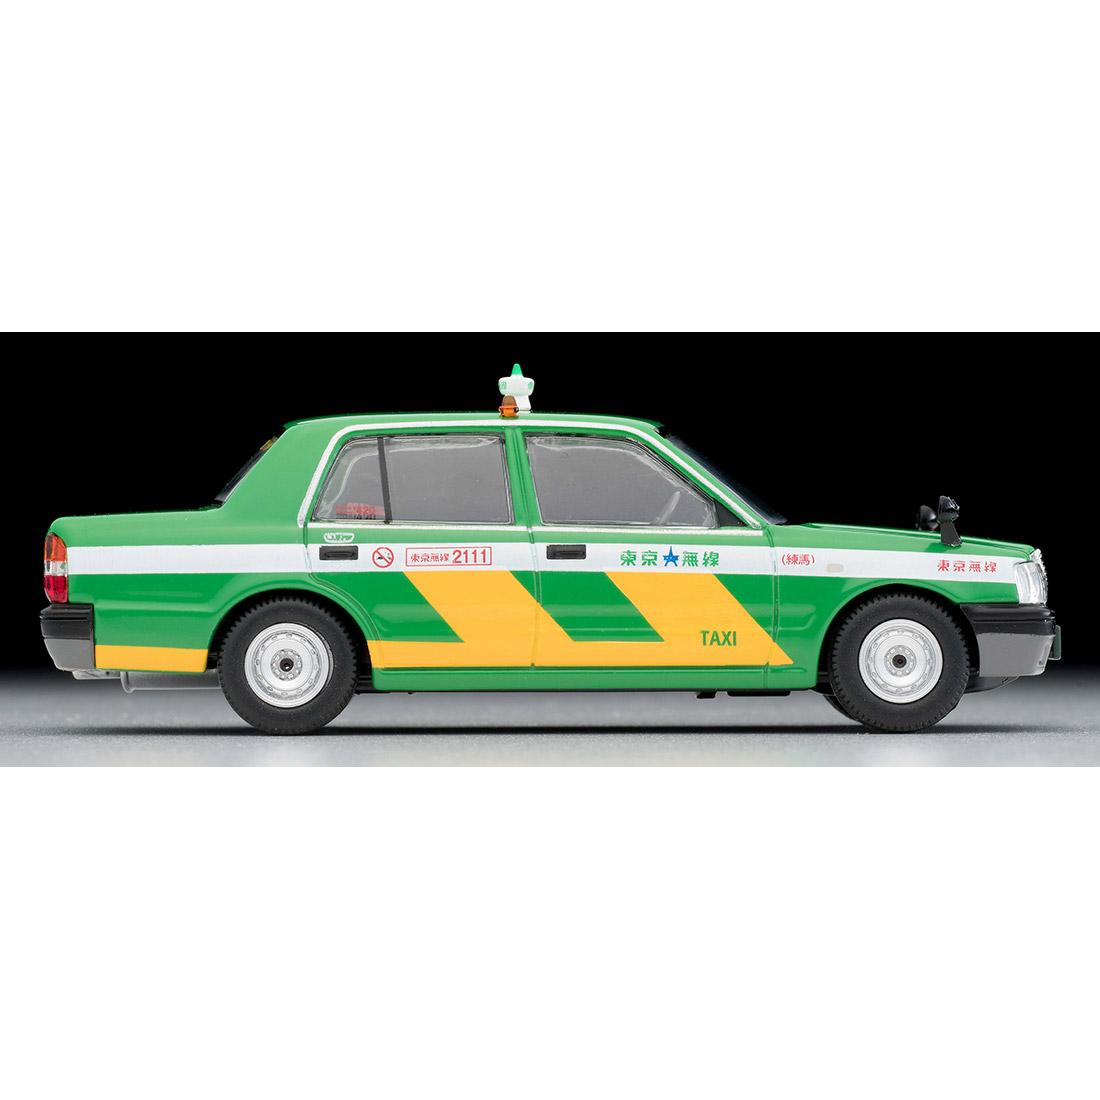 トミカリミテッド ヴィンテージ ネオ TLV-NEO『LV-N218a トヨタ クラウンコンフォート 東京無線タクシー(緑)』1/64 ミニカー-006